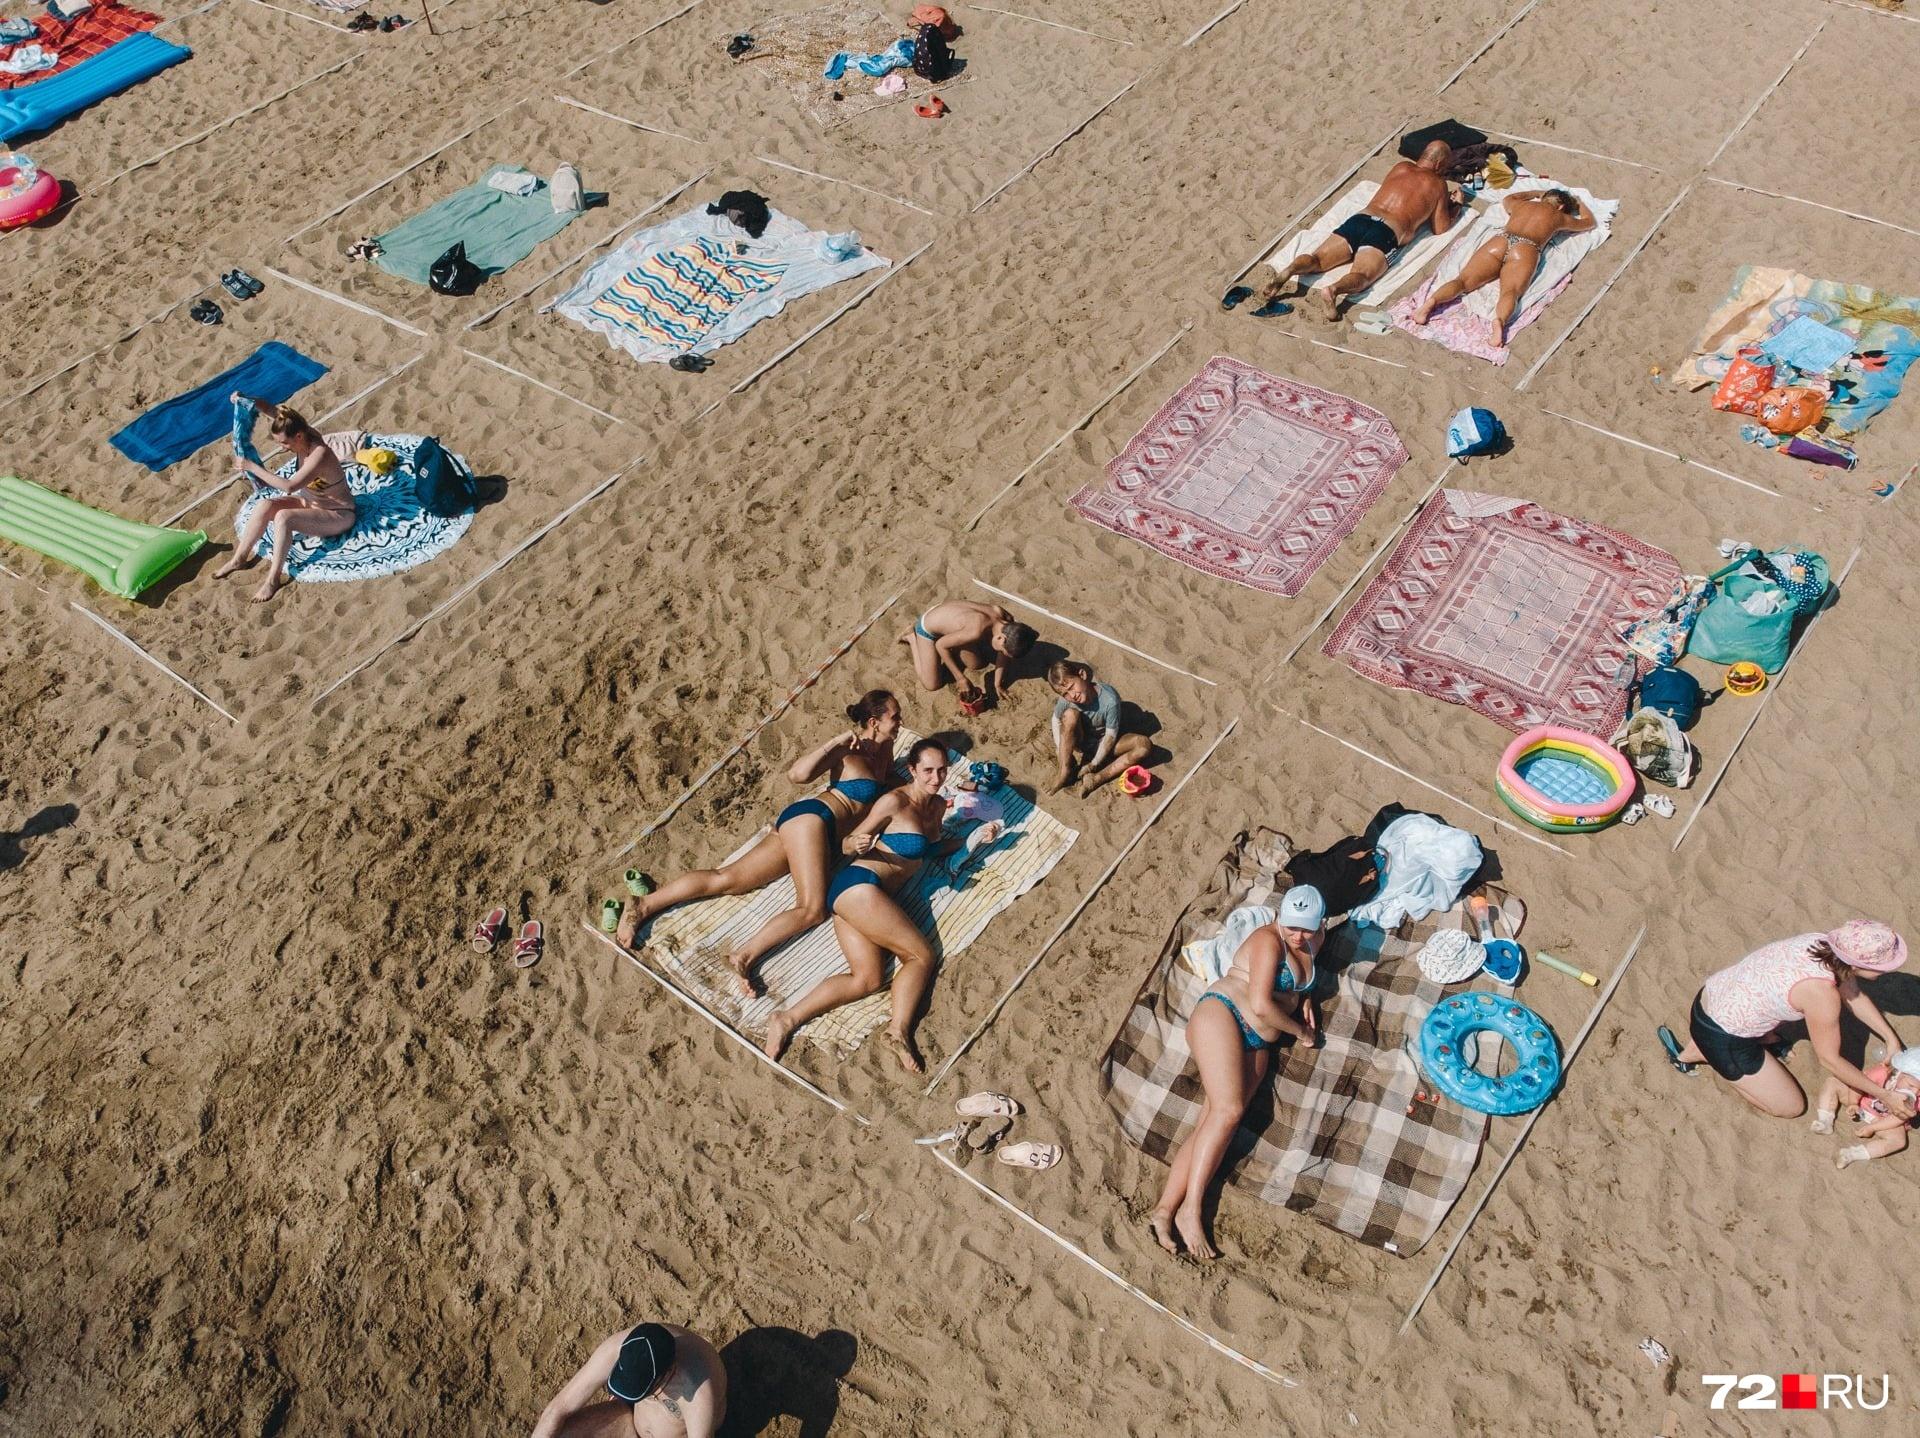 Непривычный отдых этим летом ждал пляжных тусовщиков: вот так отдыхали и соблюдали дистанцию в Тюмени